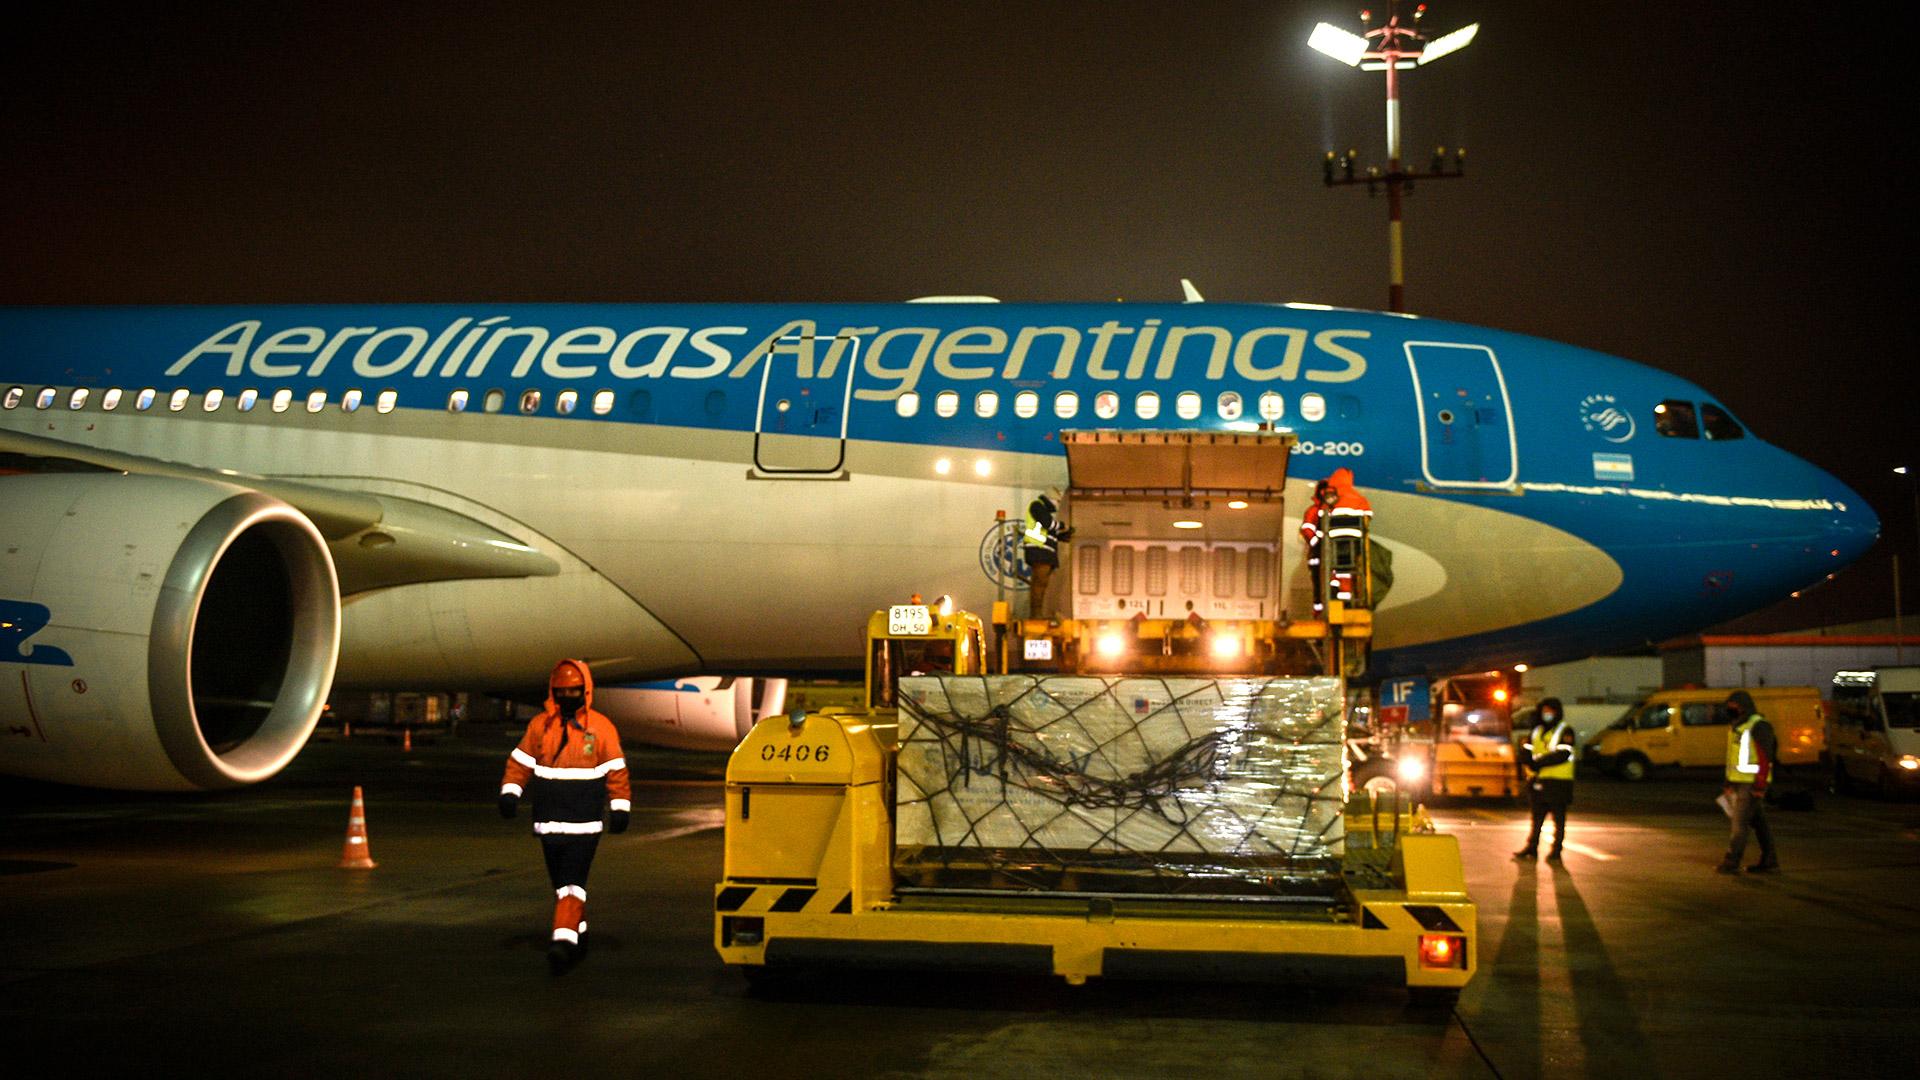 Las vacunas Sputnik V llegarán de Rusia este jueves 24 al mediodía en el vuelo de Aerolíneas Argentinas